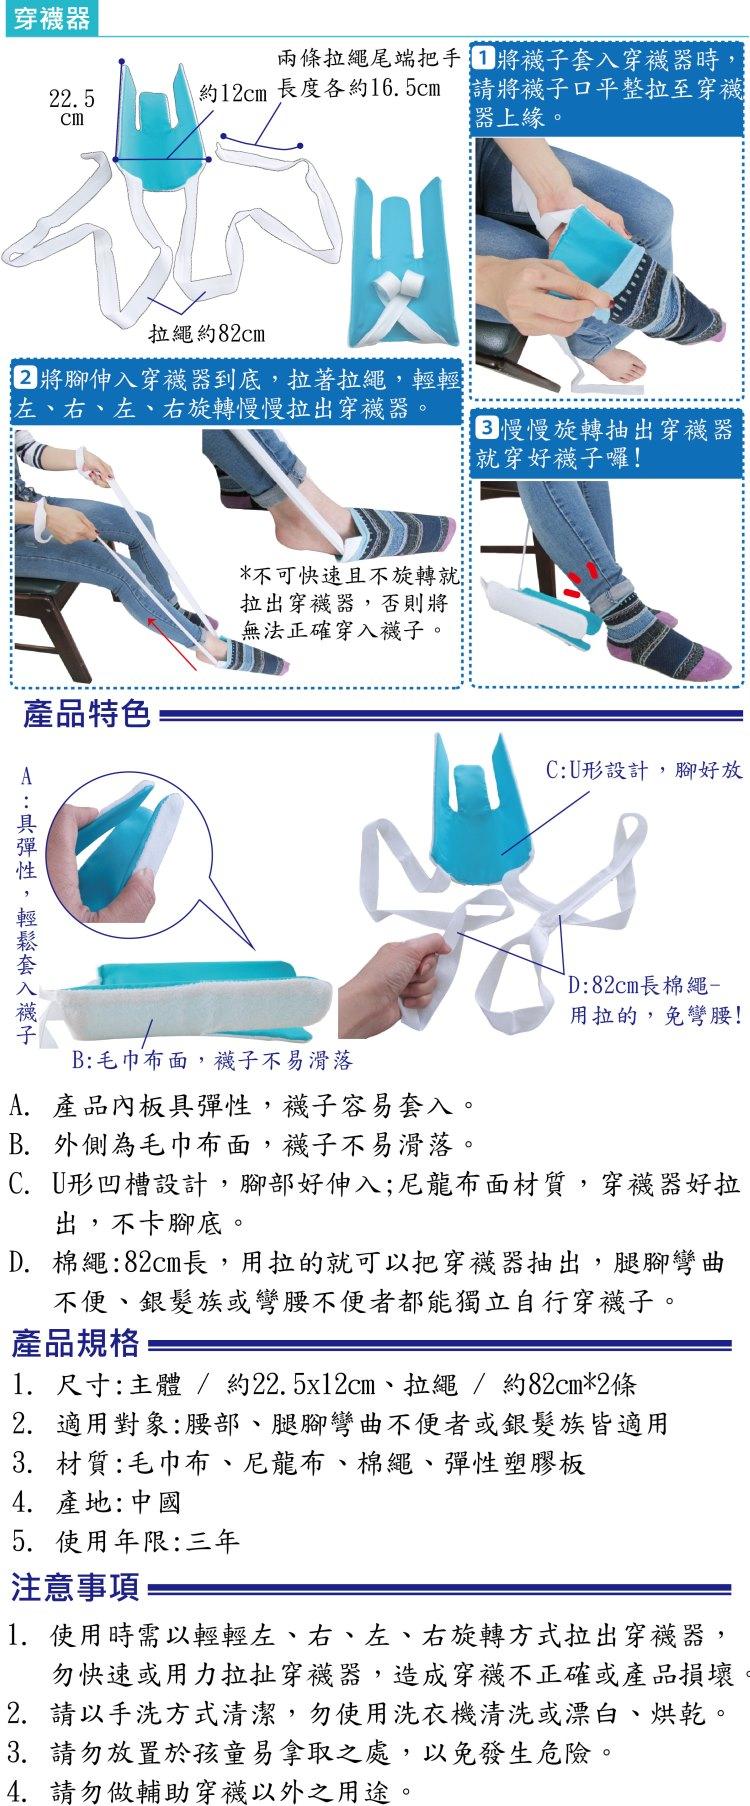 輔助穿襪器:腰部、腿腳彎曲不便者或是銀髮族適用,可以自己獨立穿襪,不必靠他人,輕鬆又省力